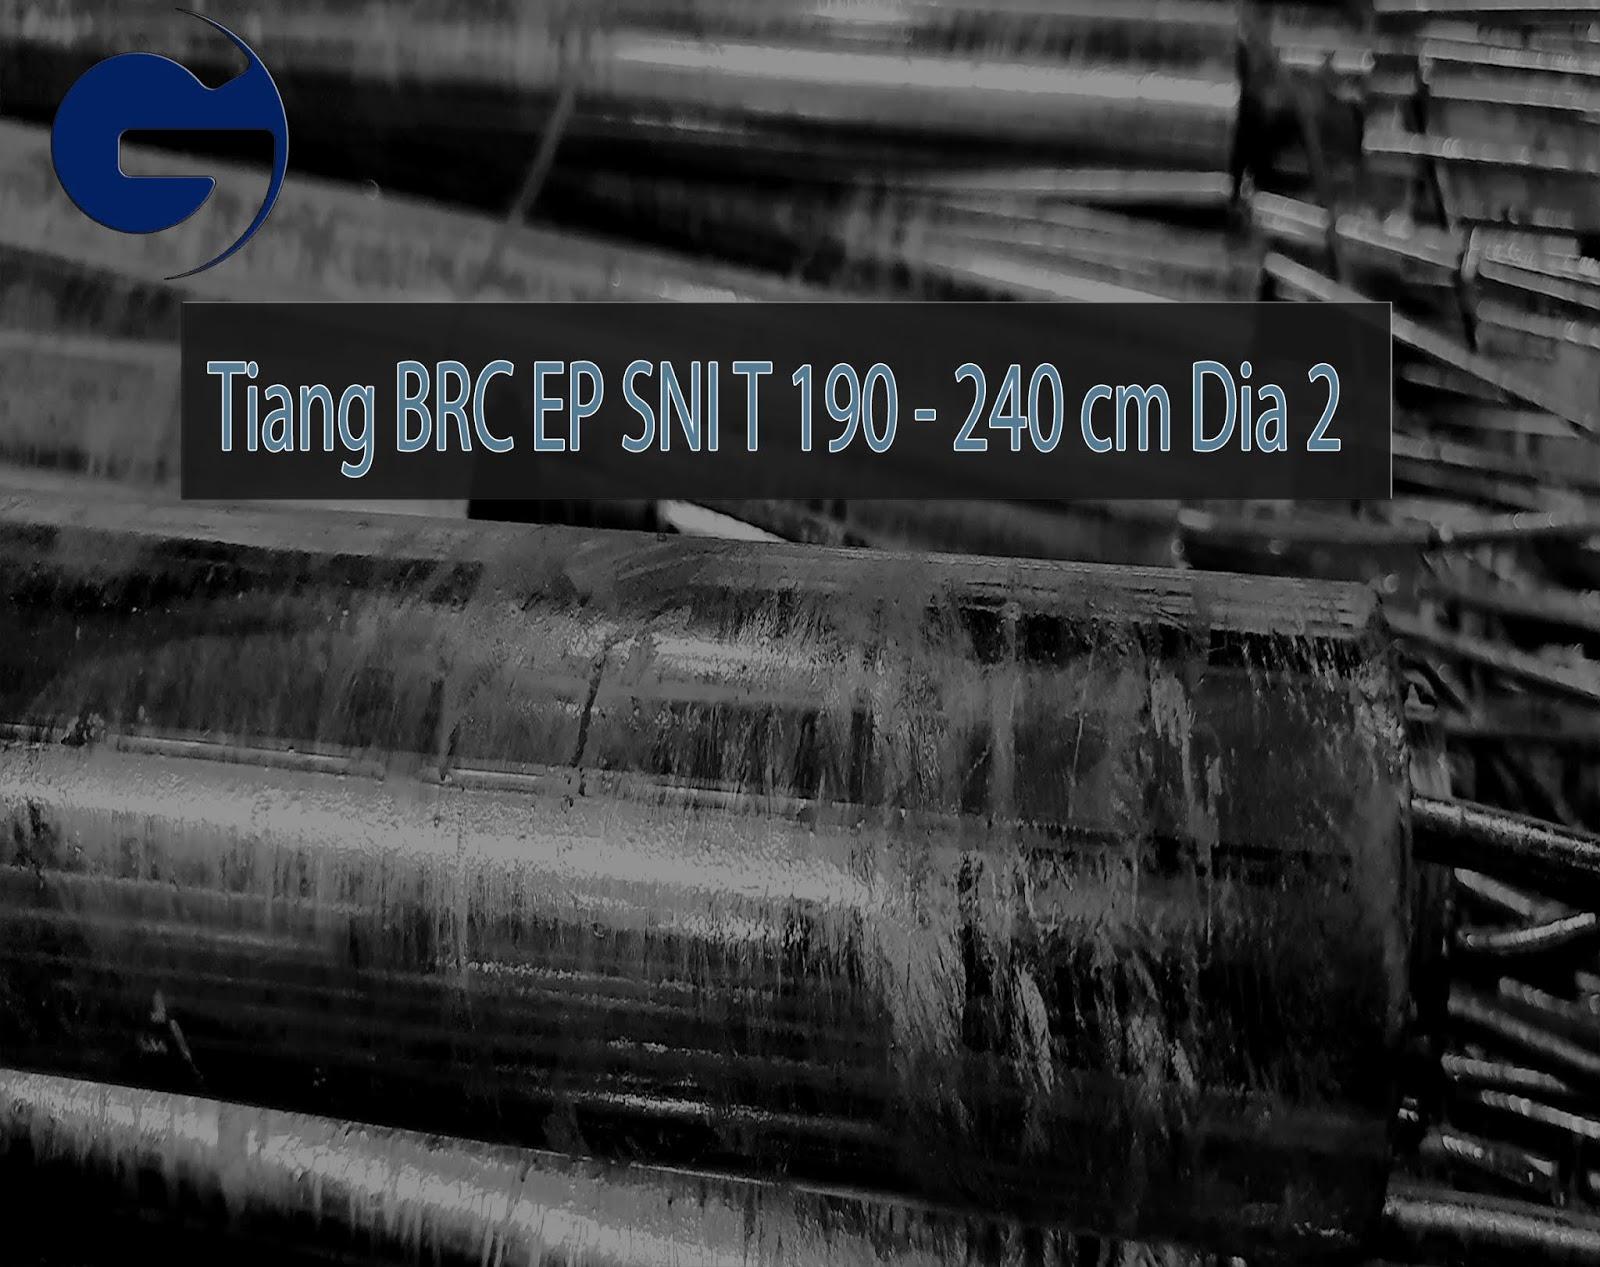 Jual Tiang BRC EP SNI T 240 CM Dia 2 Inch